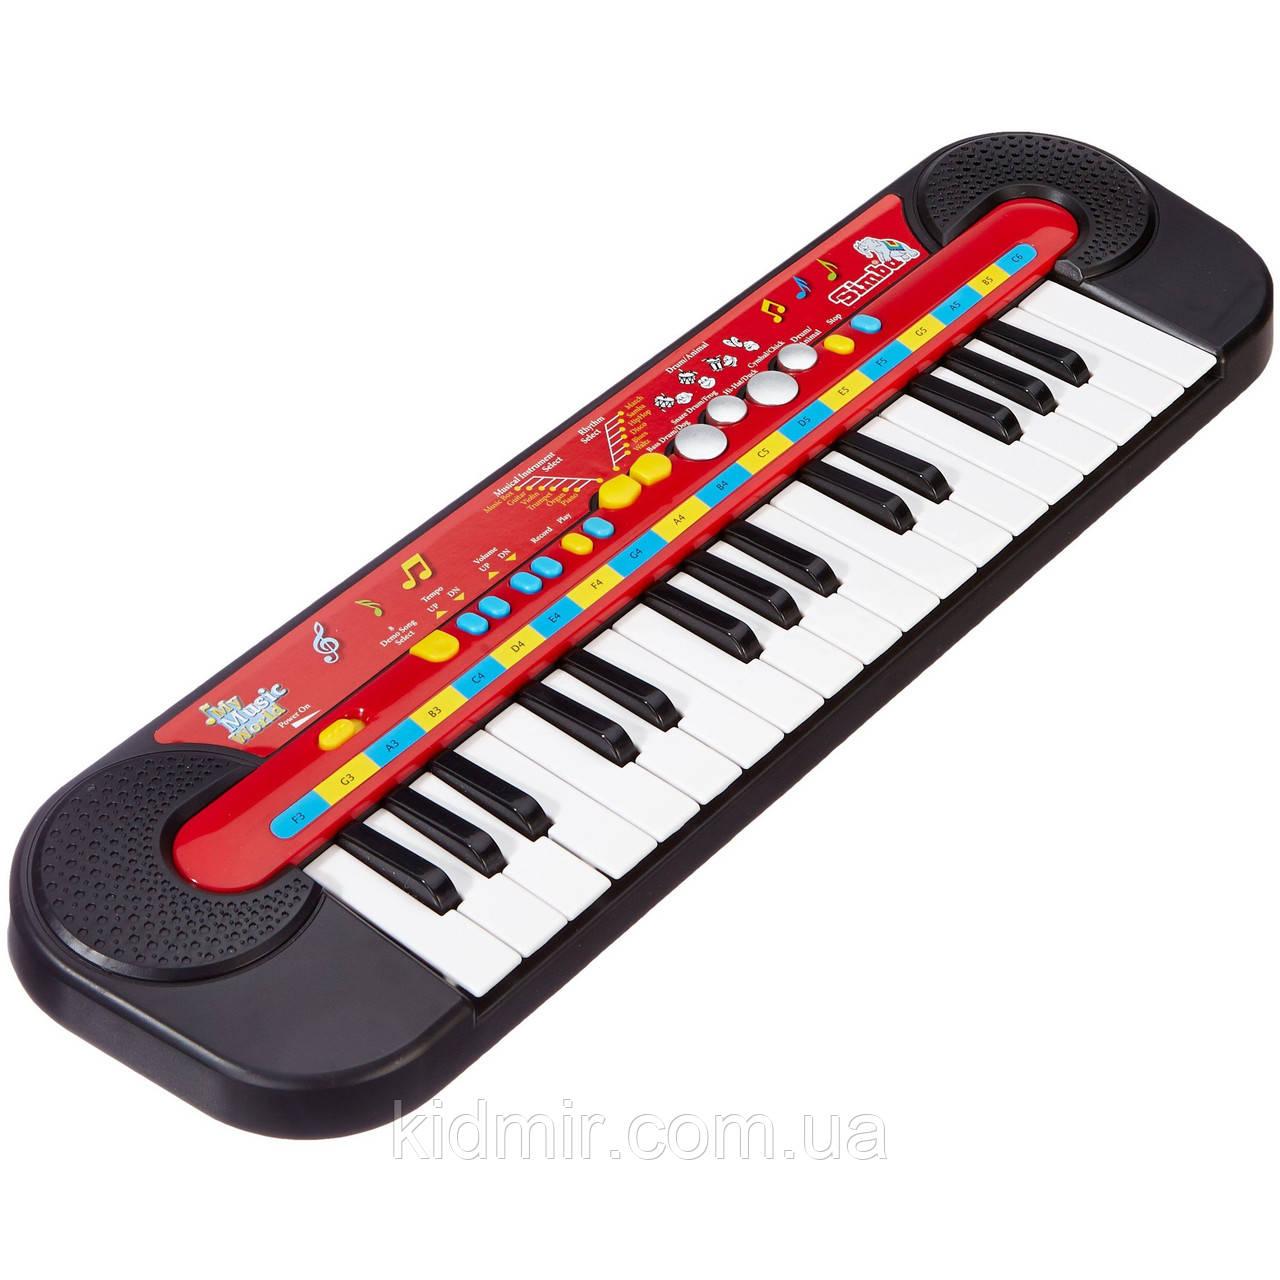 Електросінтезатор Піаніно музична іграшка 50 х 14 Simba 6833149